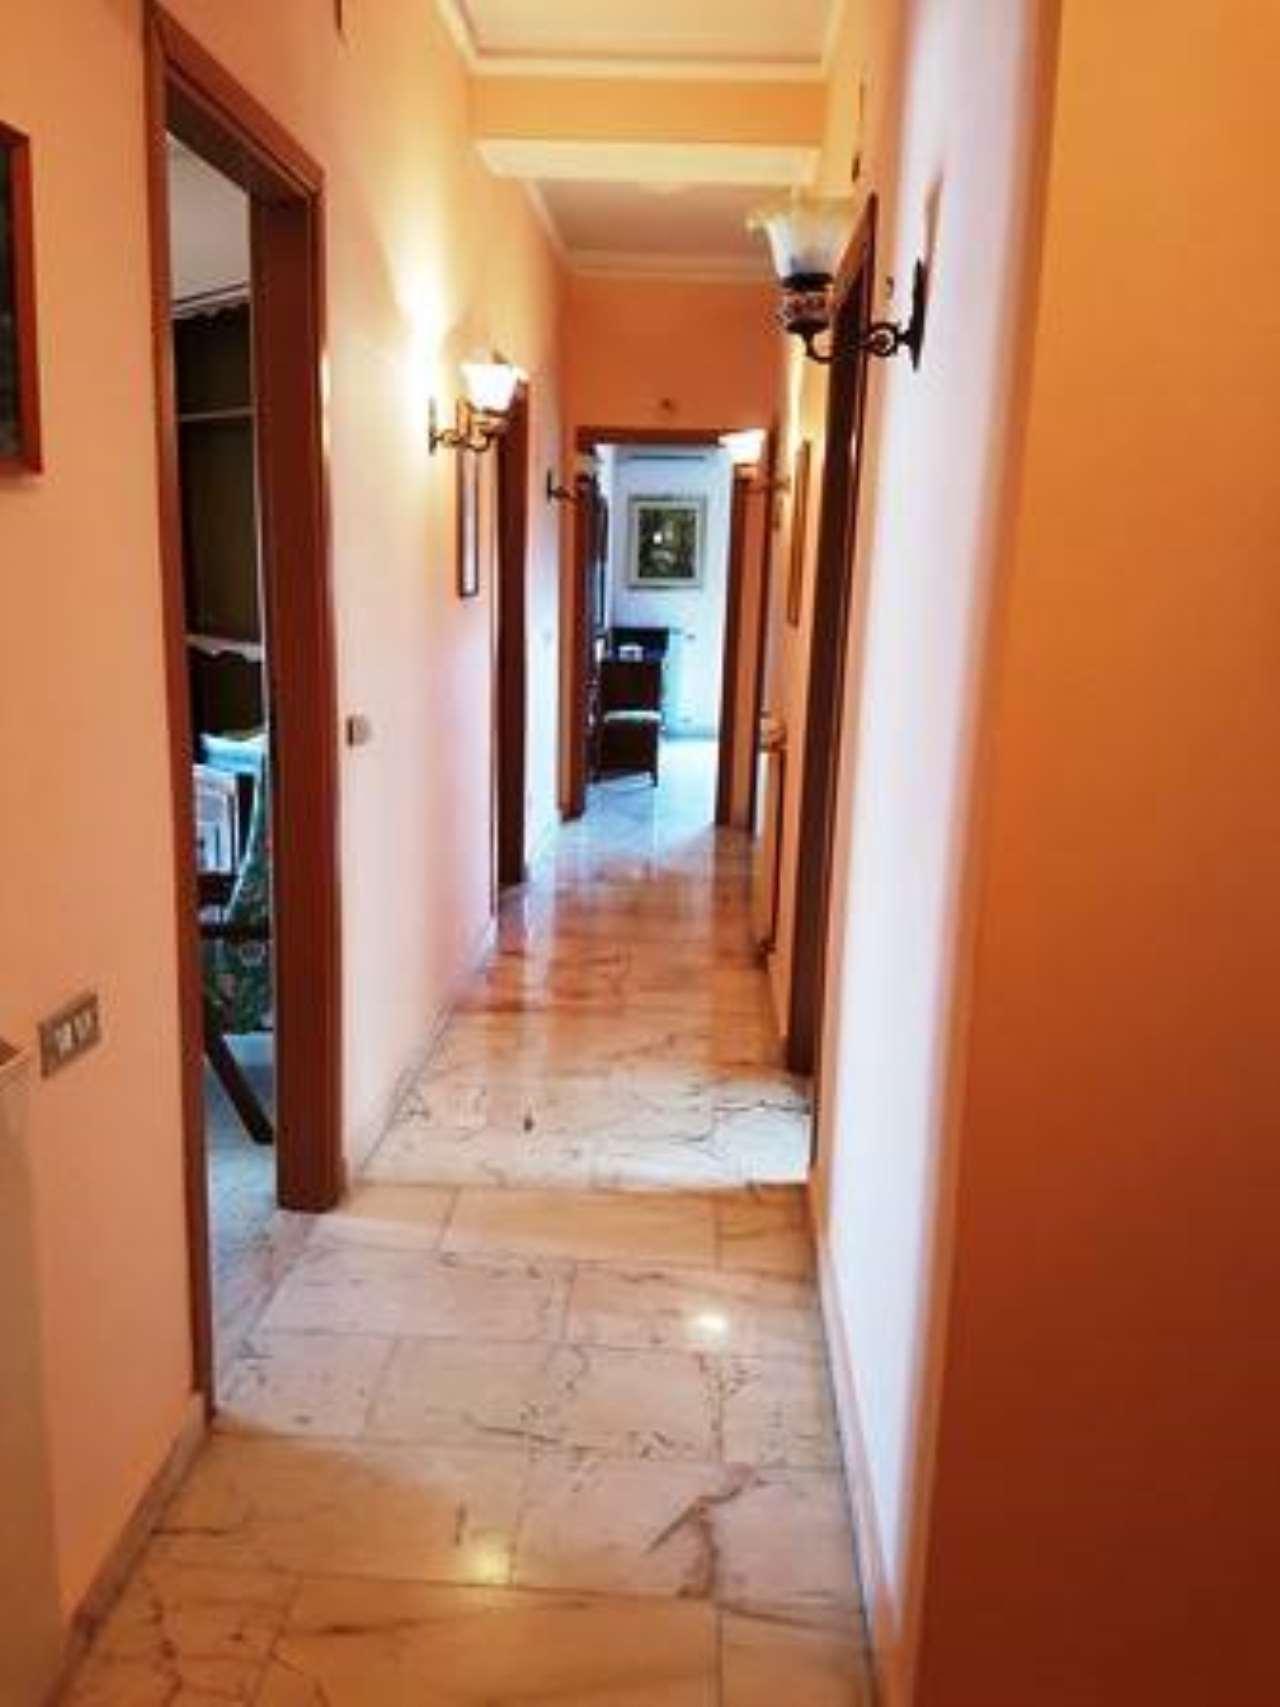 Appartamento in affitto a Messina, 4 locali, prezzo € 200 | CambioCasa.it